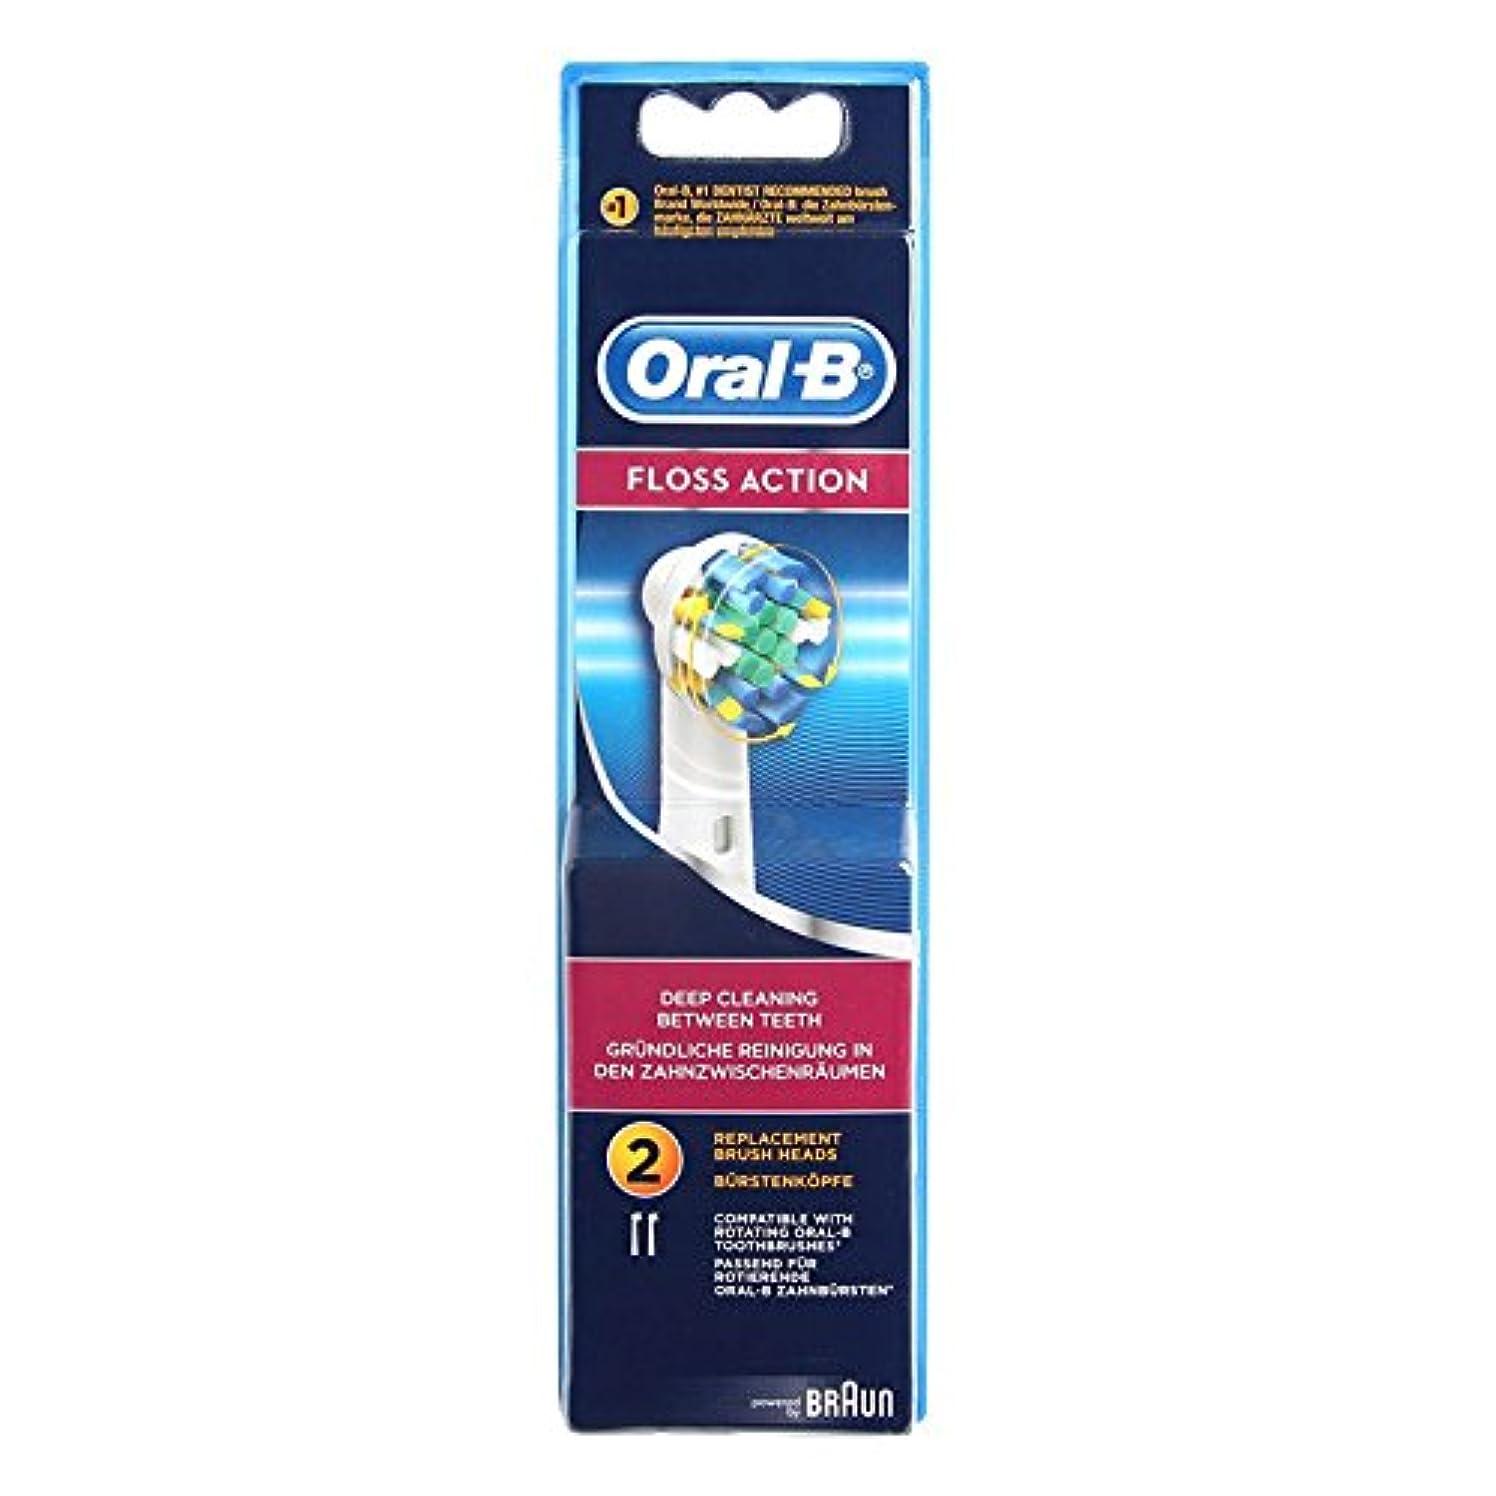 チャールズキージングがんばり続ける国民Braun Oral-B EB25-2 Floss Action 交換式充電式歯ブラシヘッド 1Pack [並行輸入品]